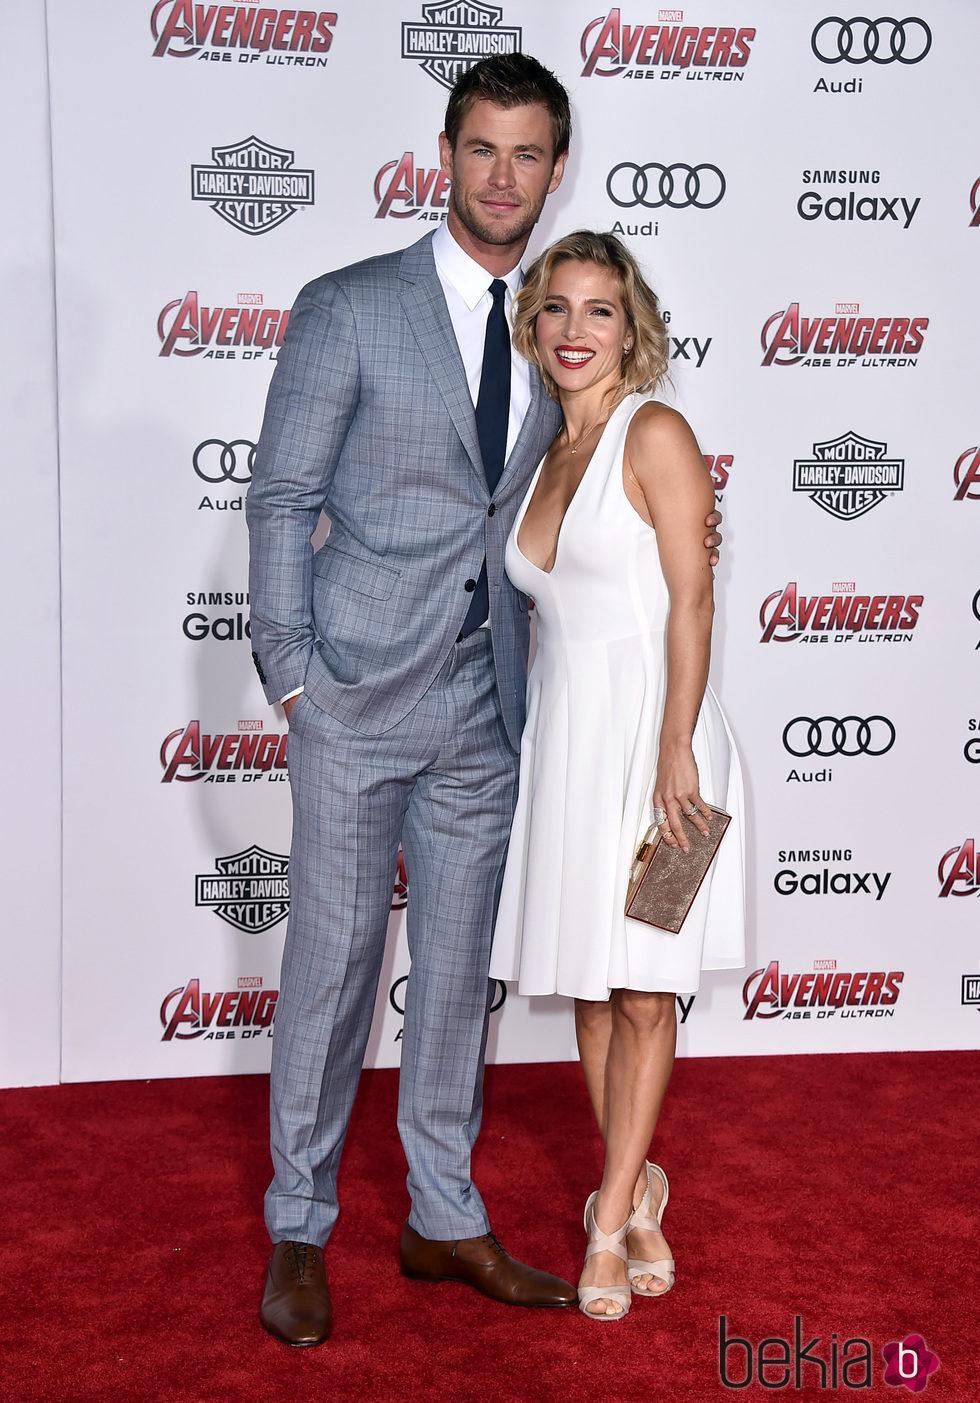 Chris Hemsworth y Elsa Pataky en el estreno de 'Los vengadores: la era de Ultron' en Los Angeles